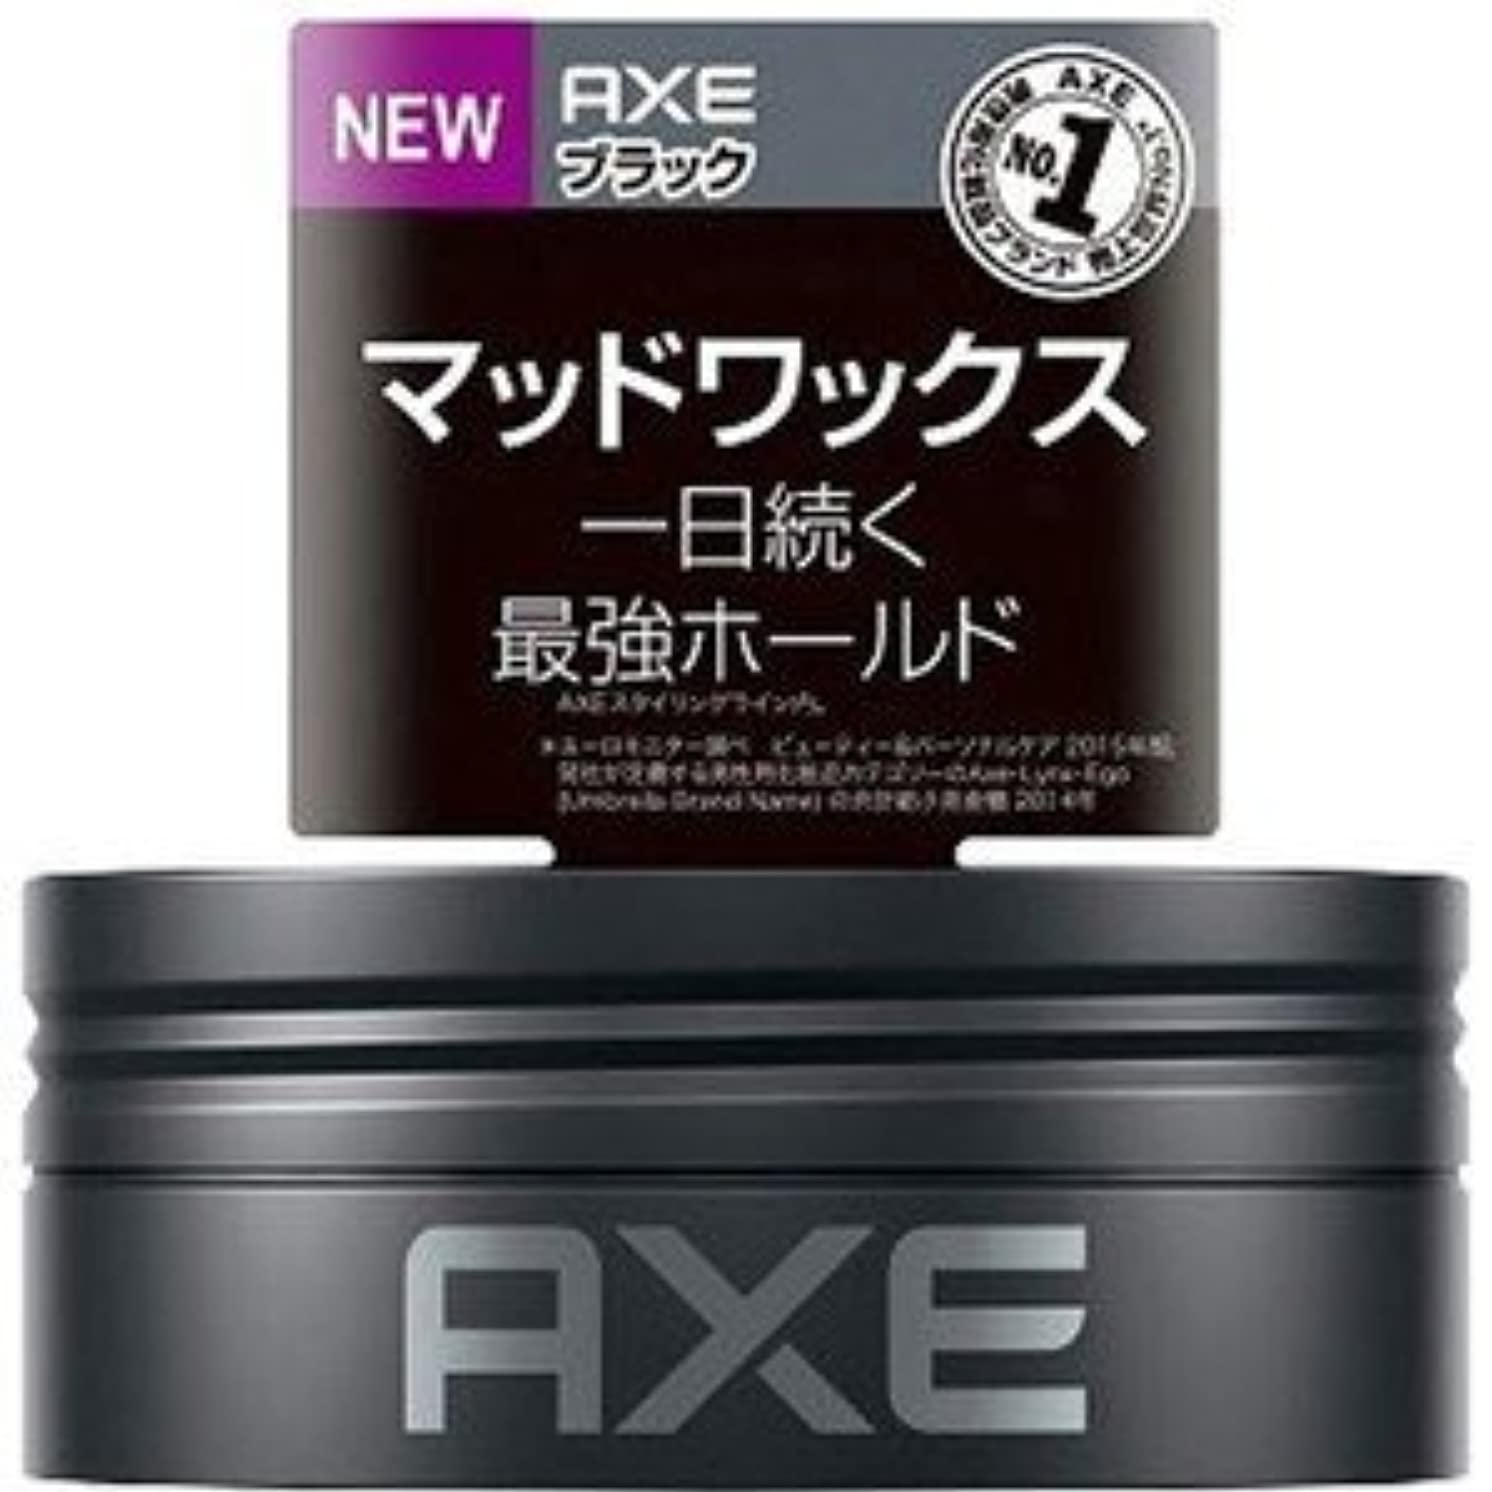 作物飼い慣らすリフト(2016年春の新商品)(ユニリーバ)AXE(アックス) ブラック デフィニティブホールド マッドワックス 65g